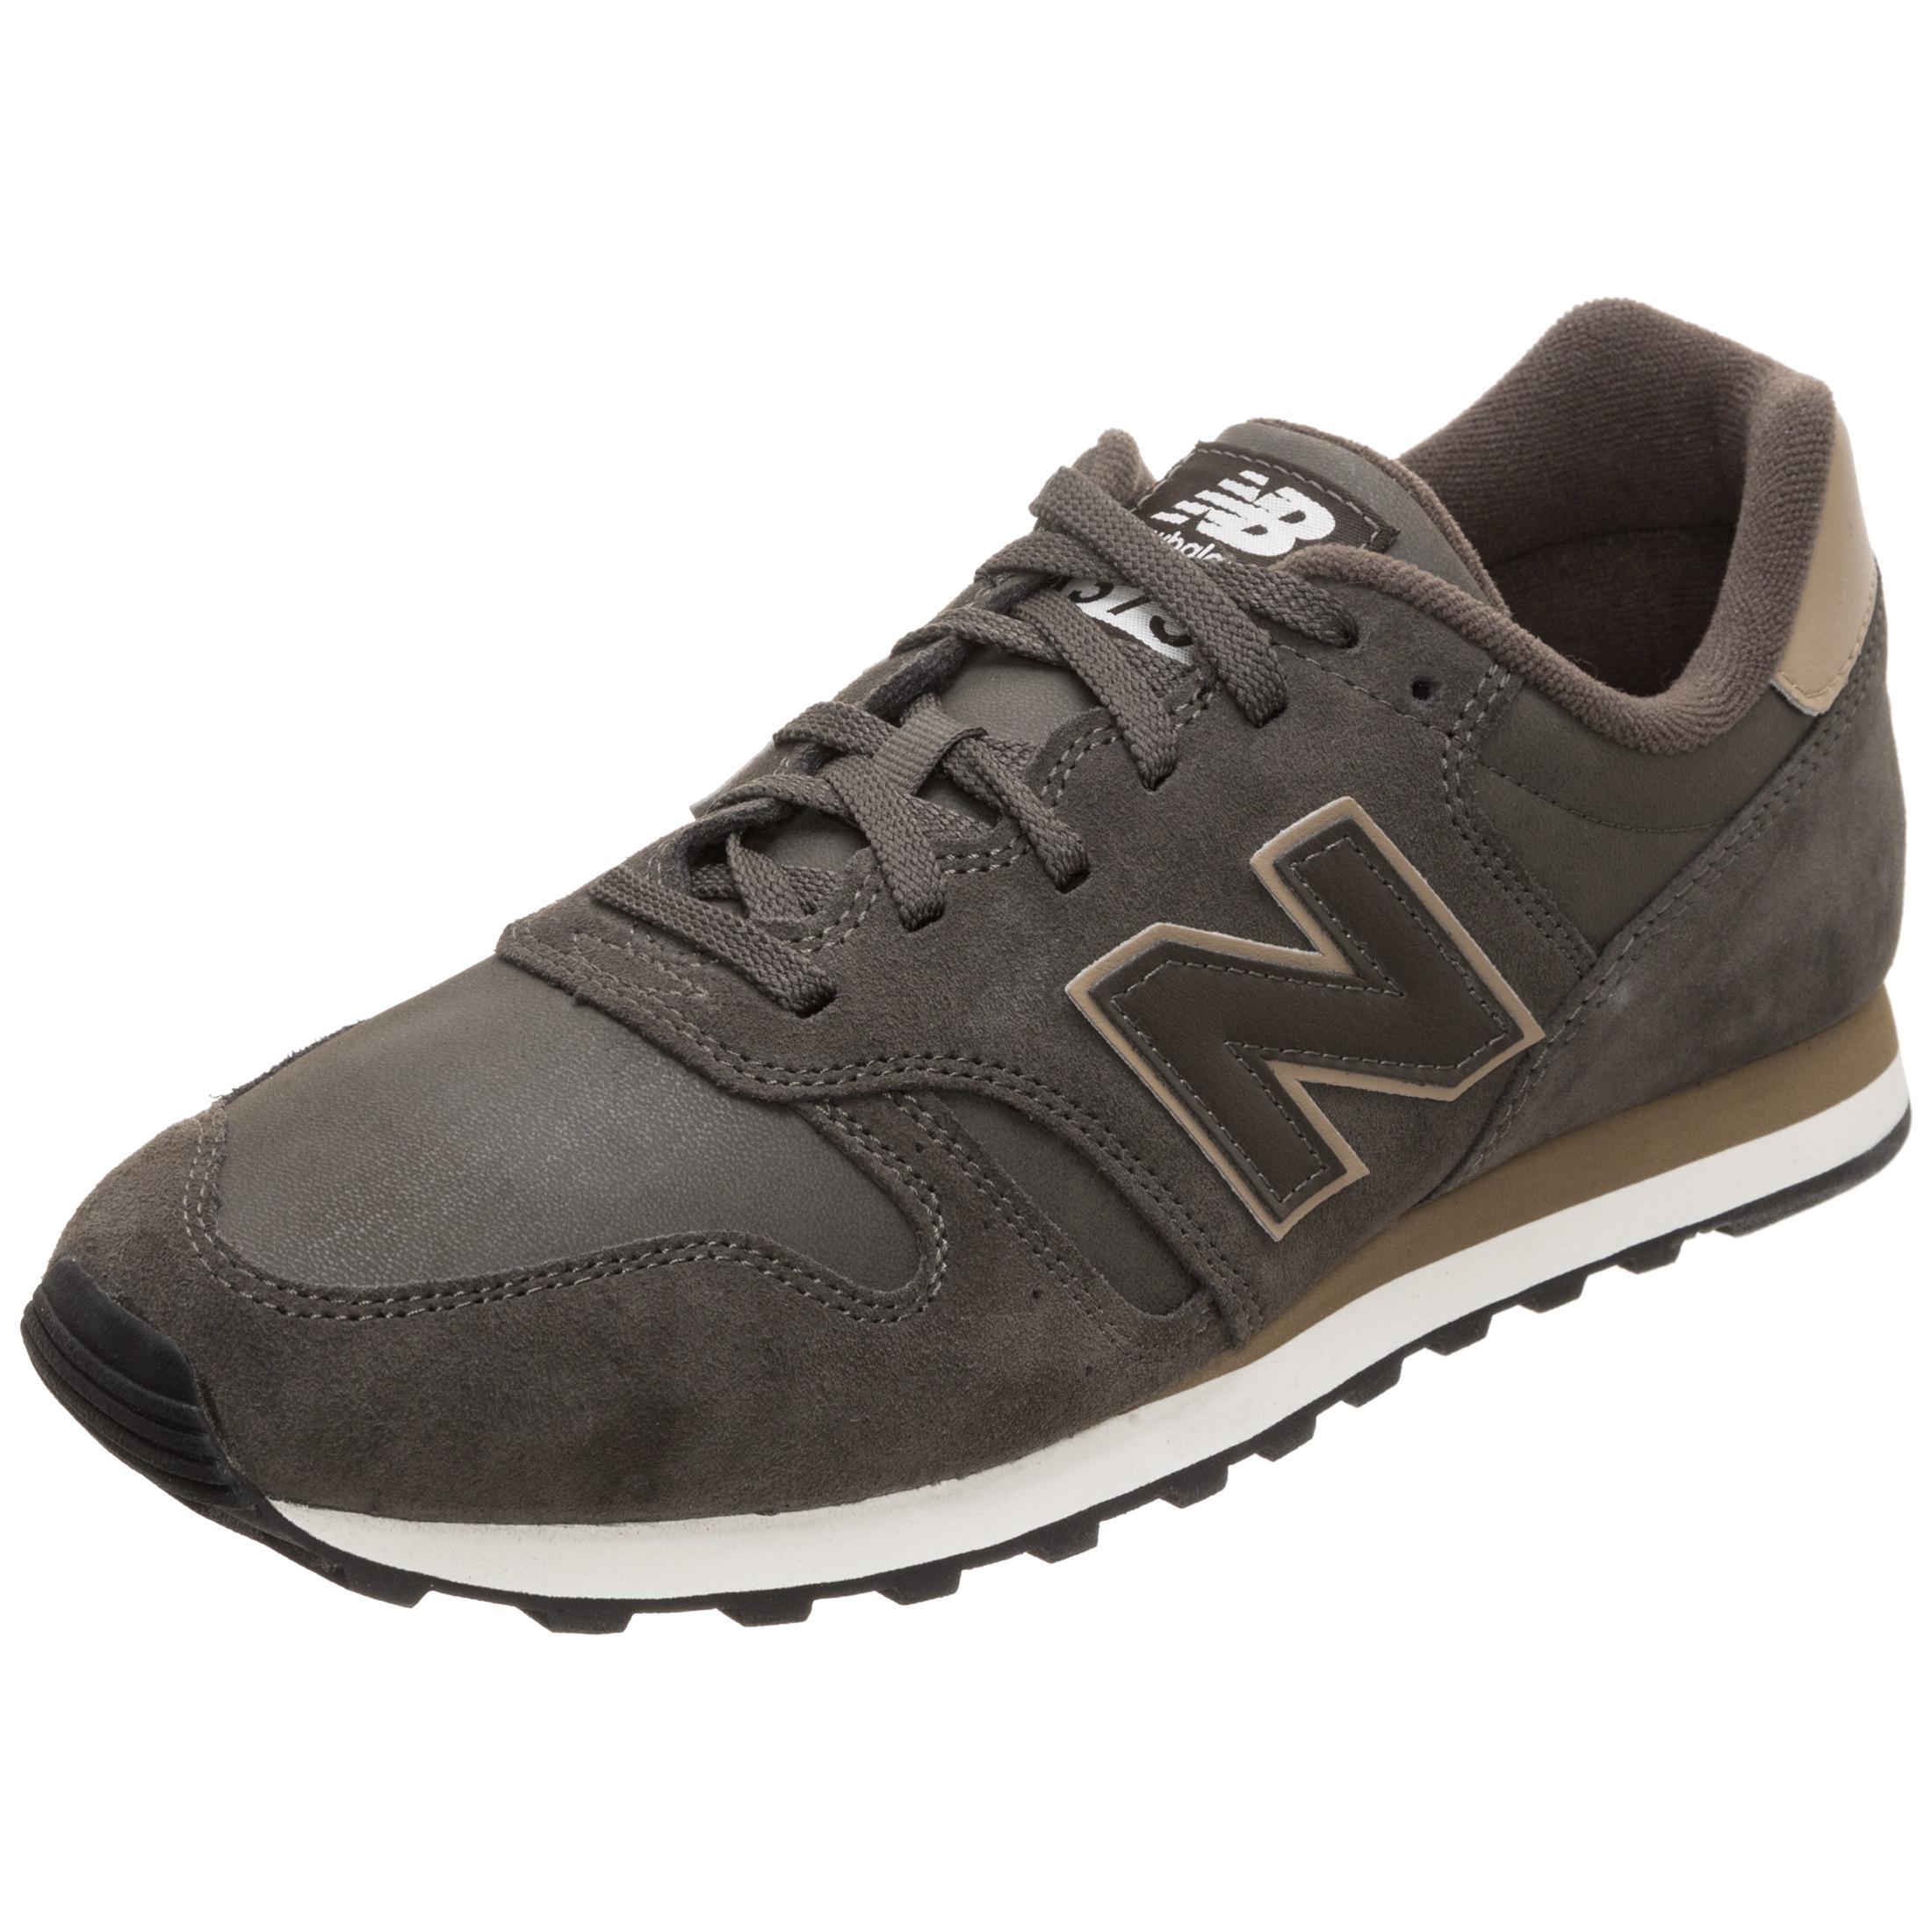 san francisco 4f613 7f54a NEW BALANCE ML373-BRT-D Sneaker Herren braun im Online Shop von SportScheck  kaufen